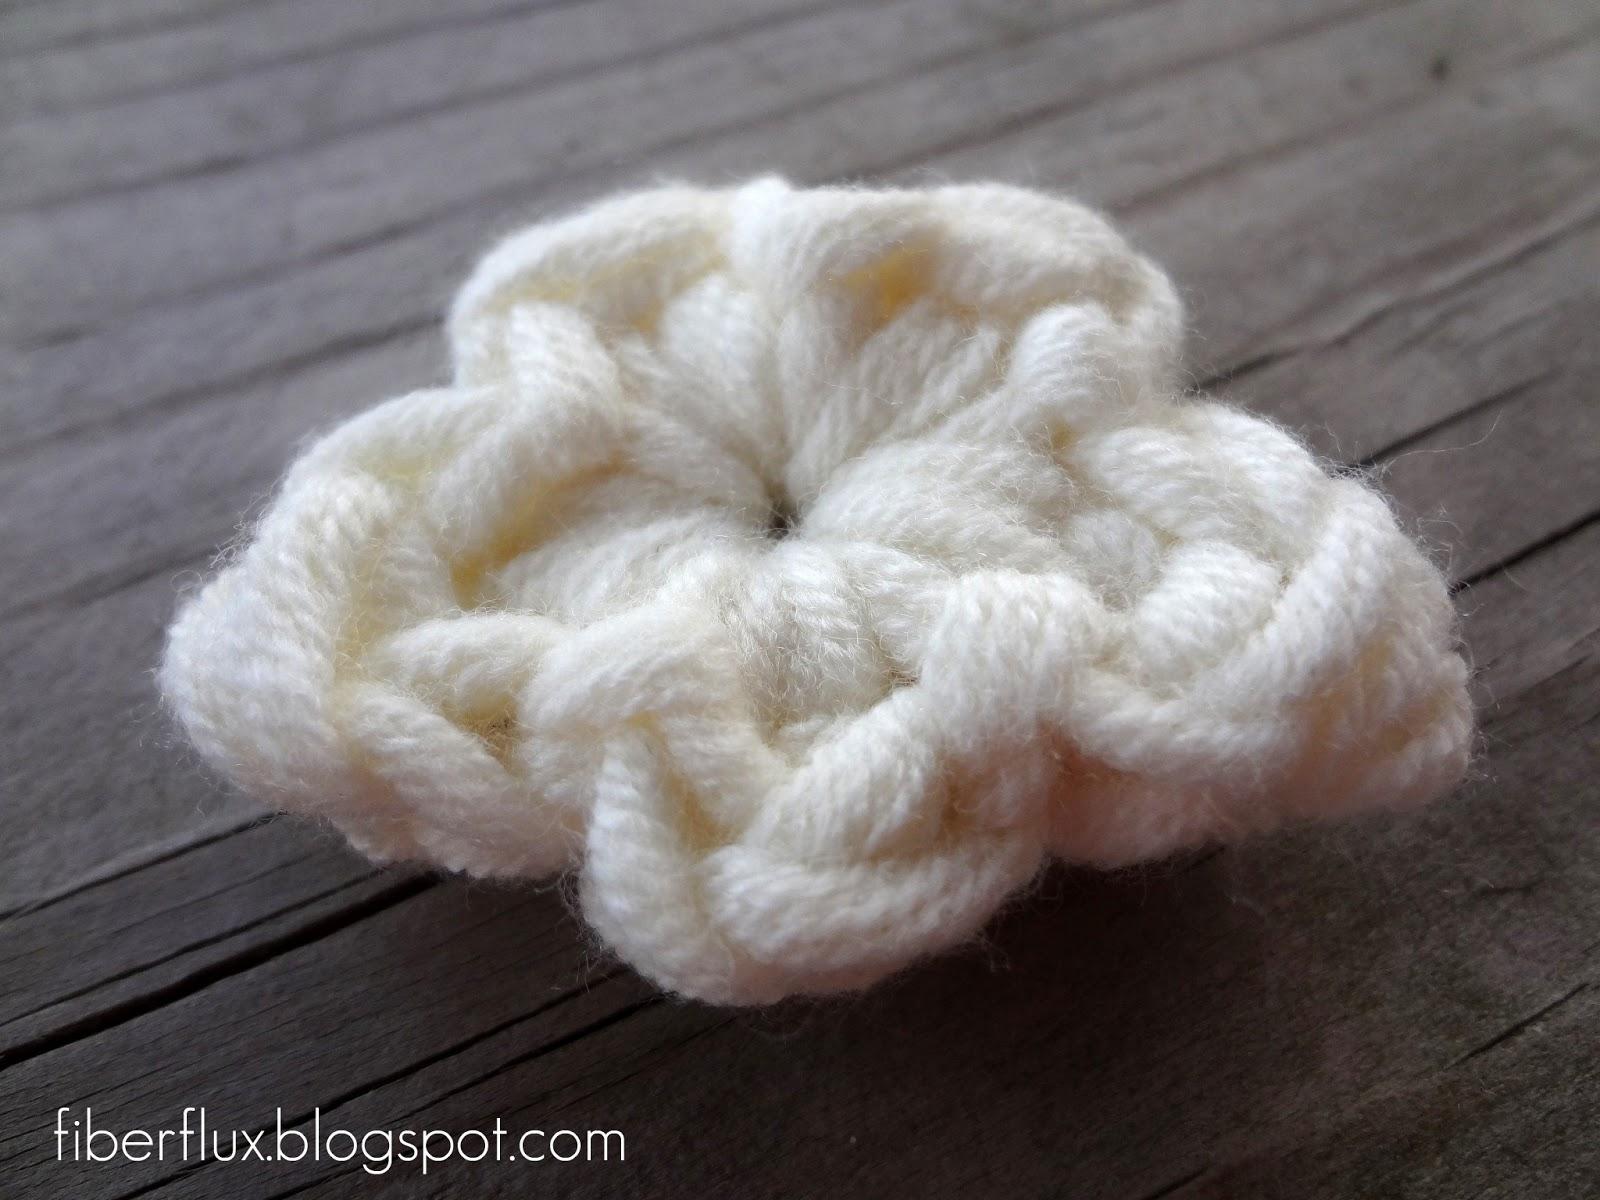 Free Crochet Patterns Bernat Baby Blanket Yarn : Fiber Flux: Free Crochet Pattern...One Round Cloud